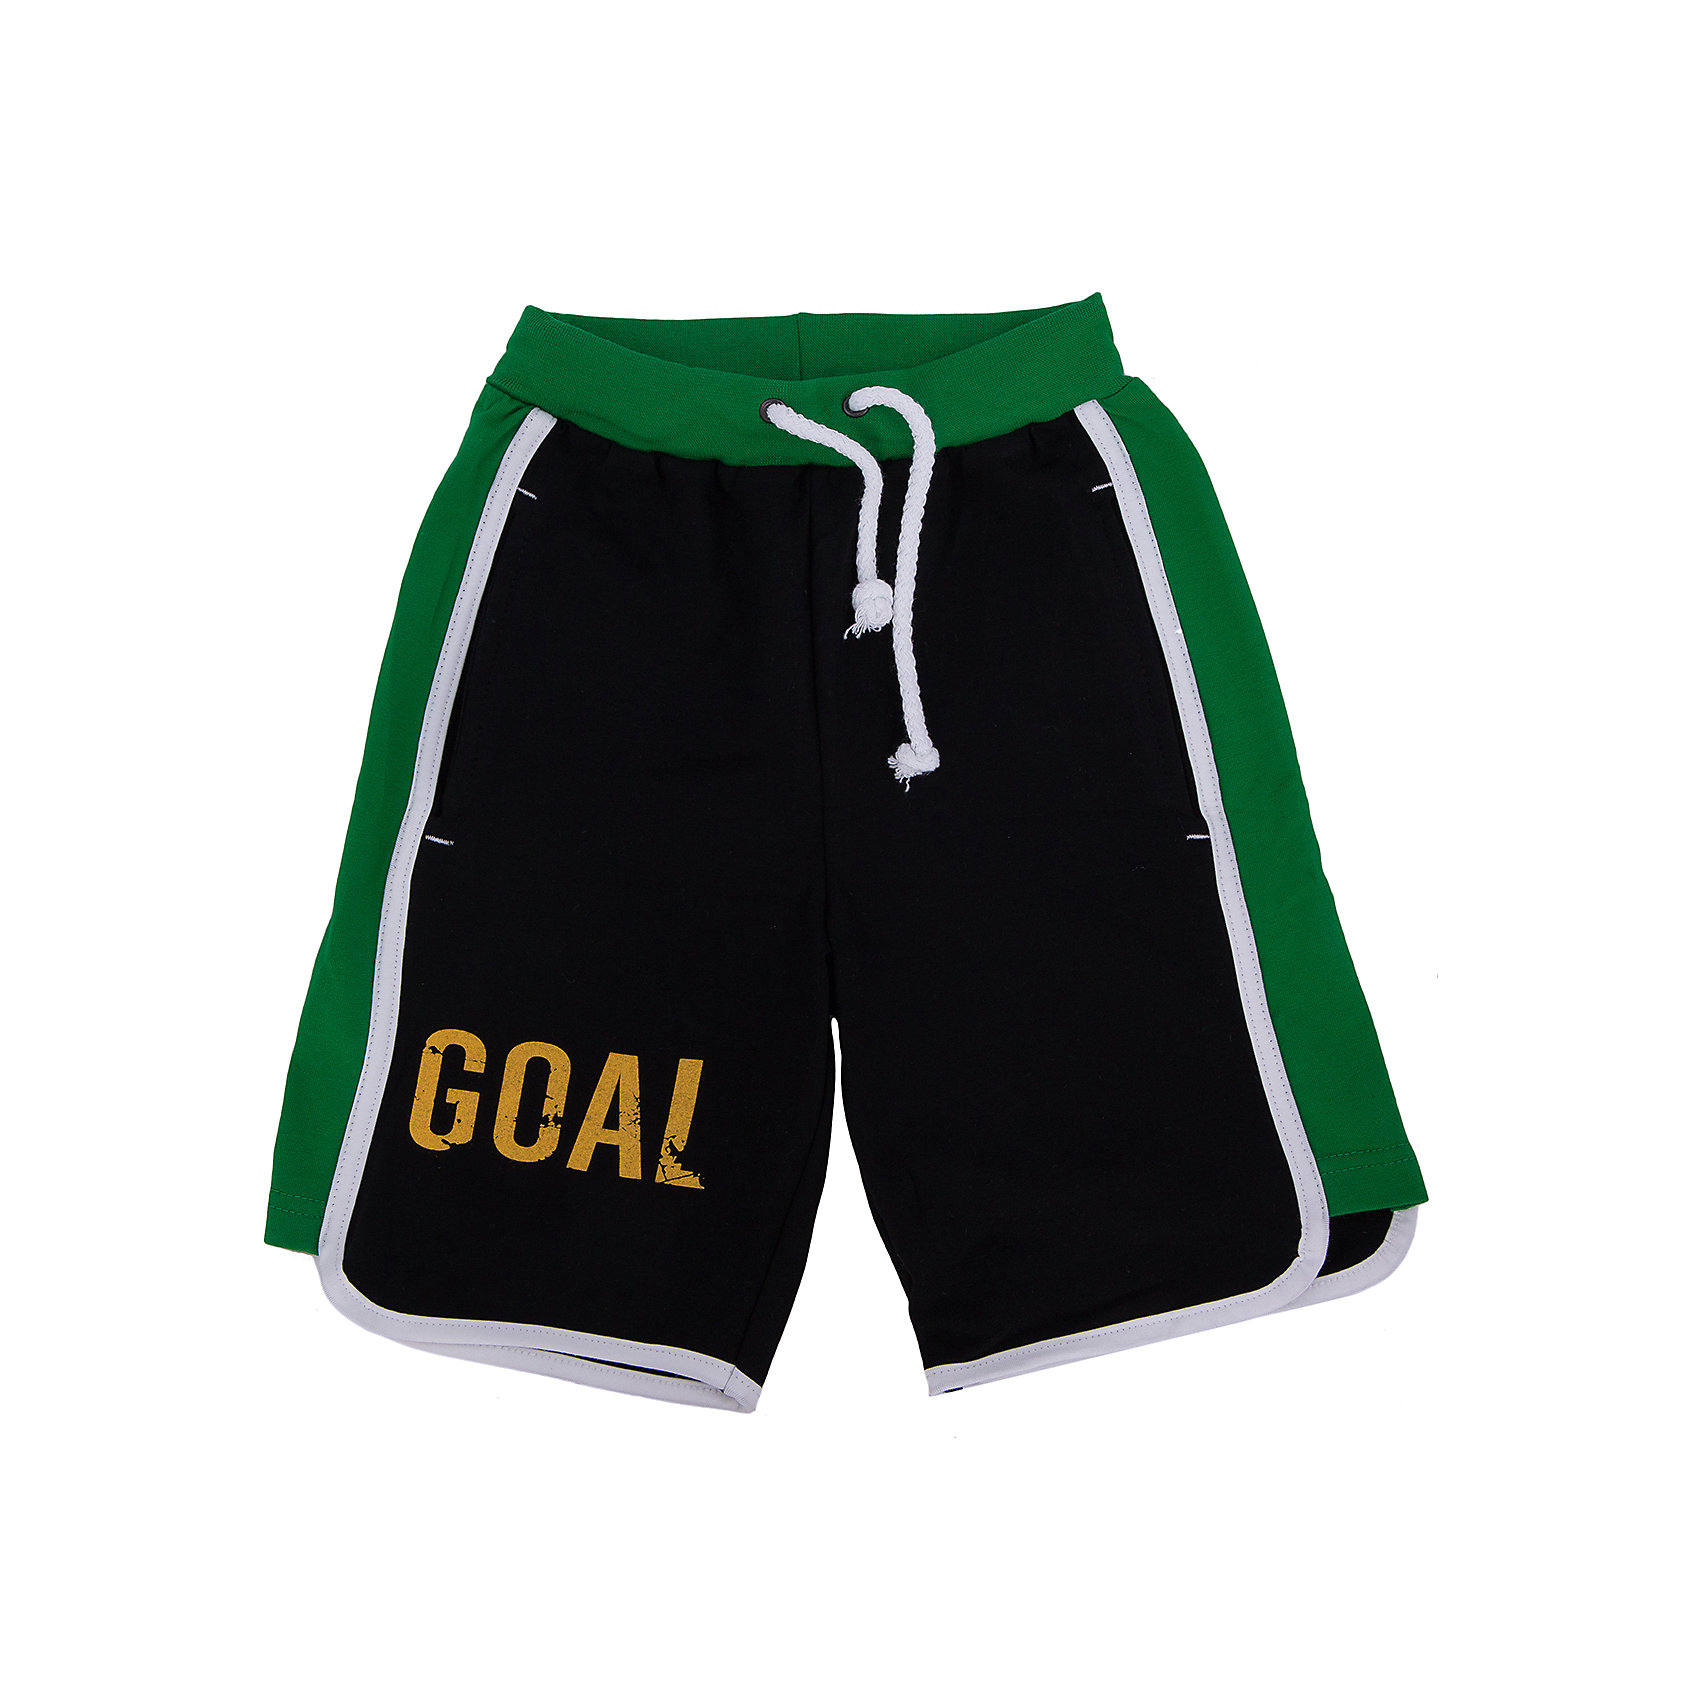 Шорты для мальчика АпрельШорты, бриджи, капри<br>Шорты Апрель<br>Шорты от компании Апрель выполнены в ярком дизайне футбольной тематики. Свободный классический крой очень удобен и для повседневной носки, и для активных игр. Надежную фиксацию обеспечивает шнурок-завязка на поясе, пропущенная через внутренний шов. Одну из штанин украшает надпись Гол, а на заднем кармане имеется номер 76. Шорты изготовлены из тонкого прочного хлопкового трикотажного полотна - кулир. Для увеличения эластичности кулирной глади в хлопок добавлена лайкра, которая оберегает изделие образования складок. Ткань отлично пропускает воздух, что идеально подходит для жаркого и знойного лета.<br><br>Дополнительная информация:<br><br>- Пол: мальчик<br>- Цвет: черный, зеленый<br>- Ткань: трикотажное полотно кулир<br>- Состав: 92% хлопок, 8% лайкра<br><br>Шорты Апрель можно купить в нашем интернет-магазине.<br><br>Ширина мм: 191<br>Глубина мм: 10<br>Высота мм: 175<br>Вес г: 273<br>Цвет: черный<br>Возраст от месяцев: 120<br>Возраст до месяцев: 132<br>Пол: Мужской<br>Возраст: Детский<br>Размер: 146,116,122,128,134,140<br>SKU: 4726321